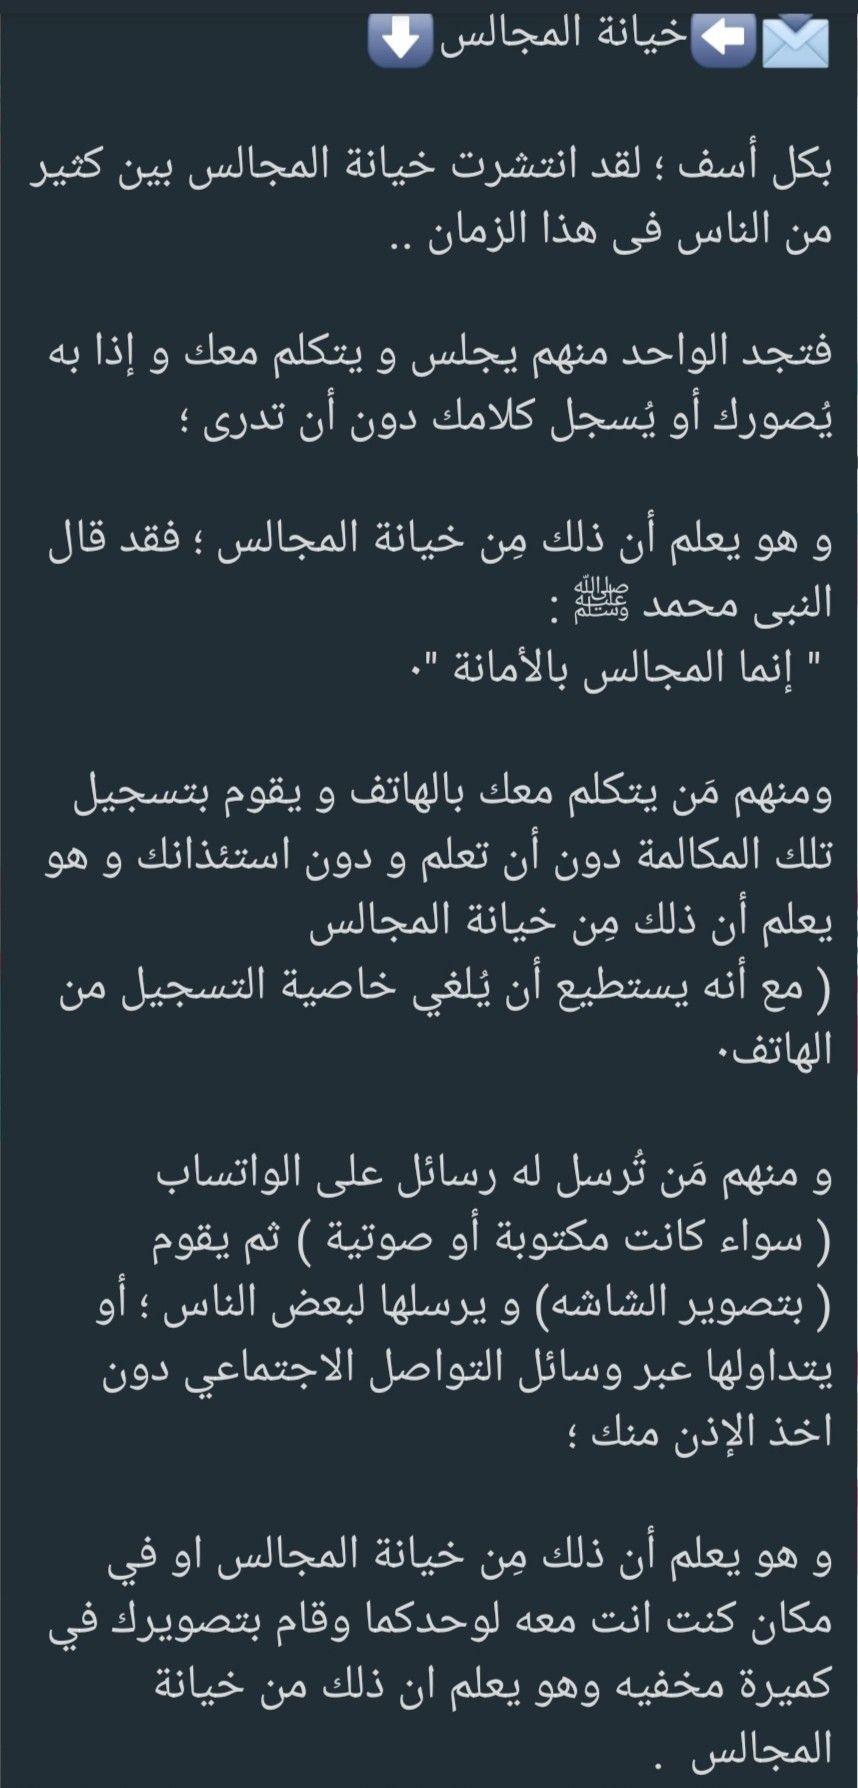 Pin By Nadinekattih On أحاديث نبوية 90 S